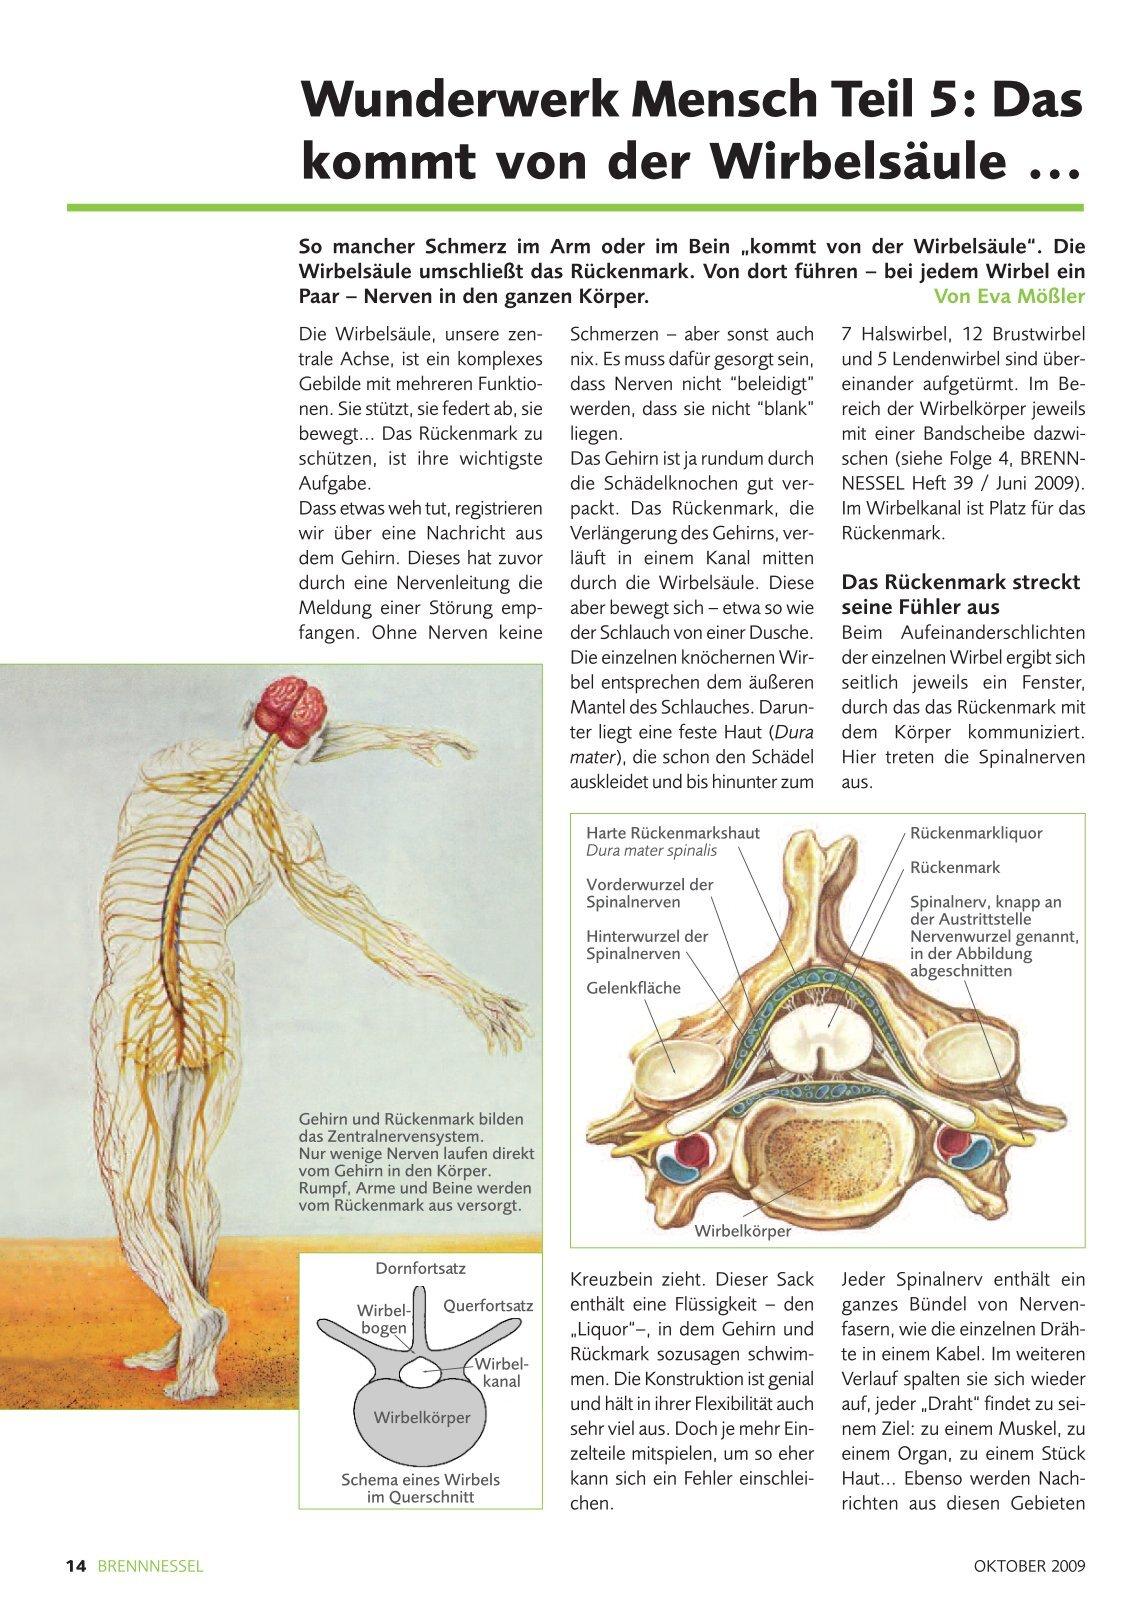 Groß Spinalnerven Anatomie Bilder - Physiologie Von Menschlichen ...